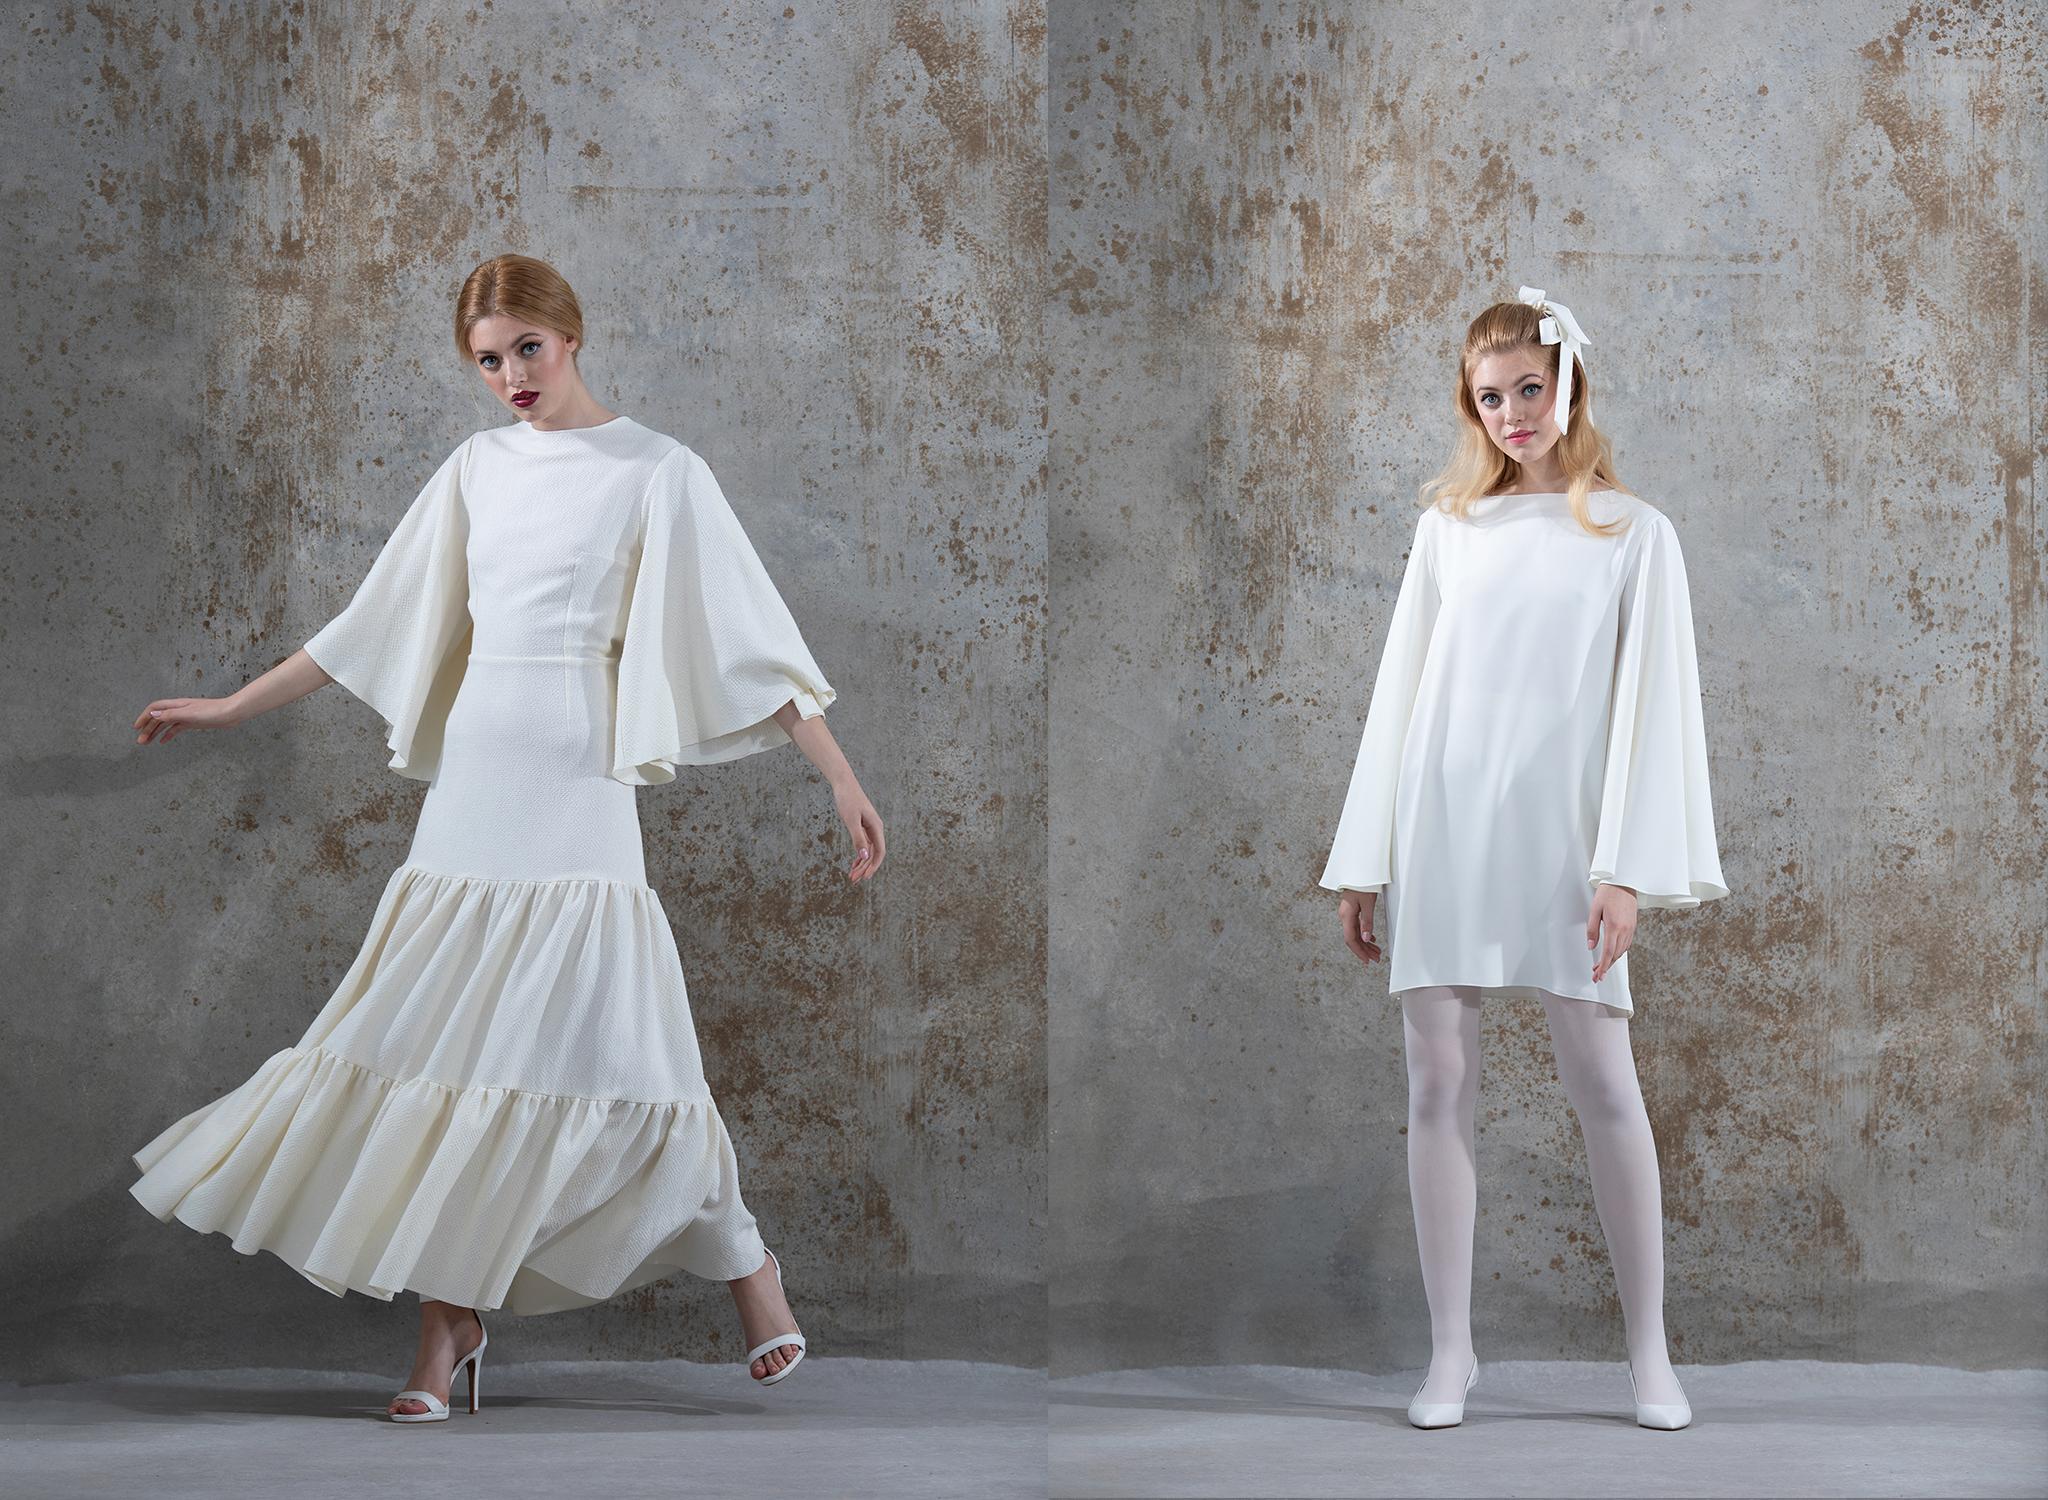 rochii de mireasa nonconformiste lucia rosca fashion designer